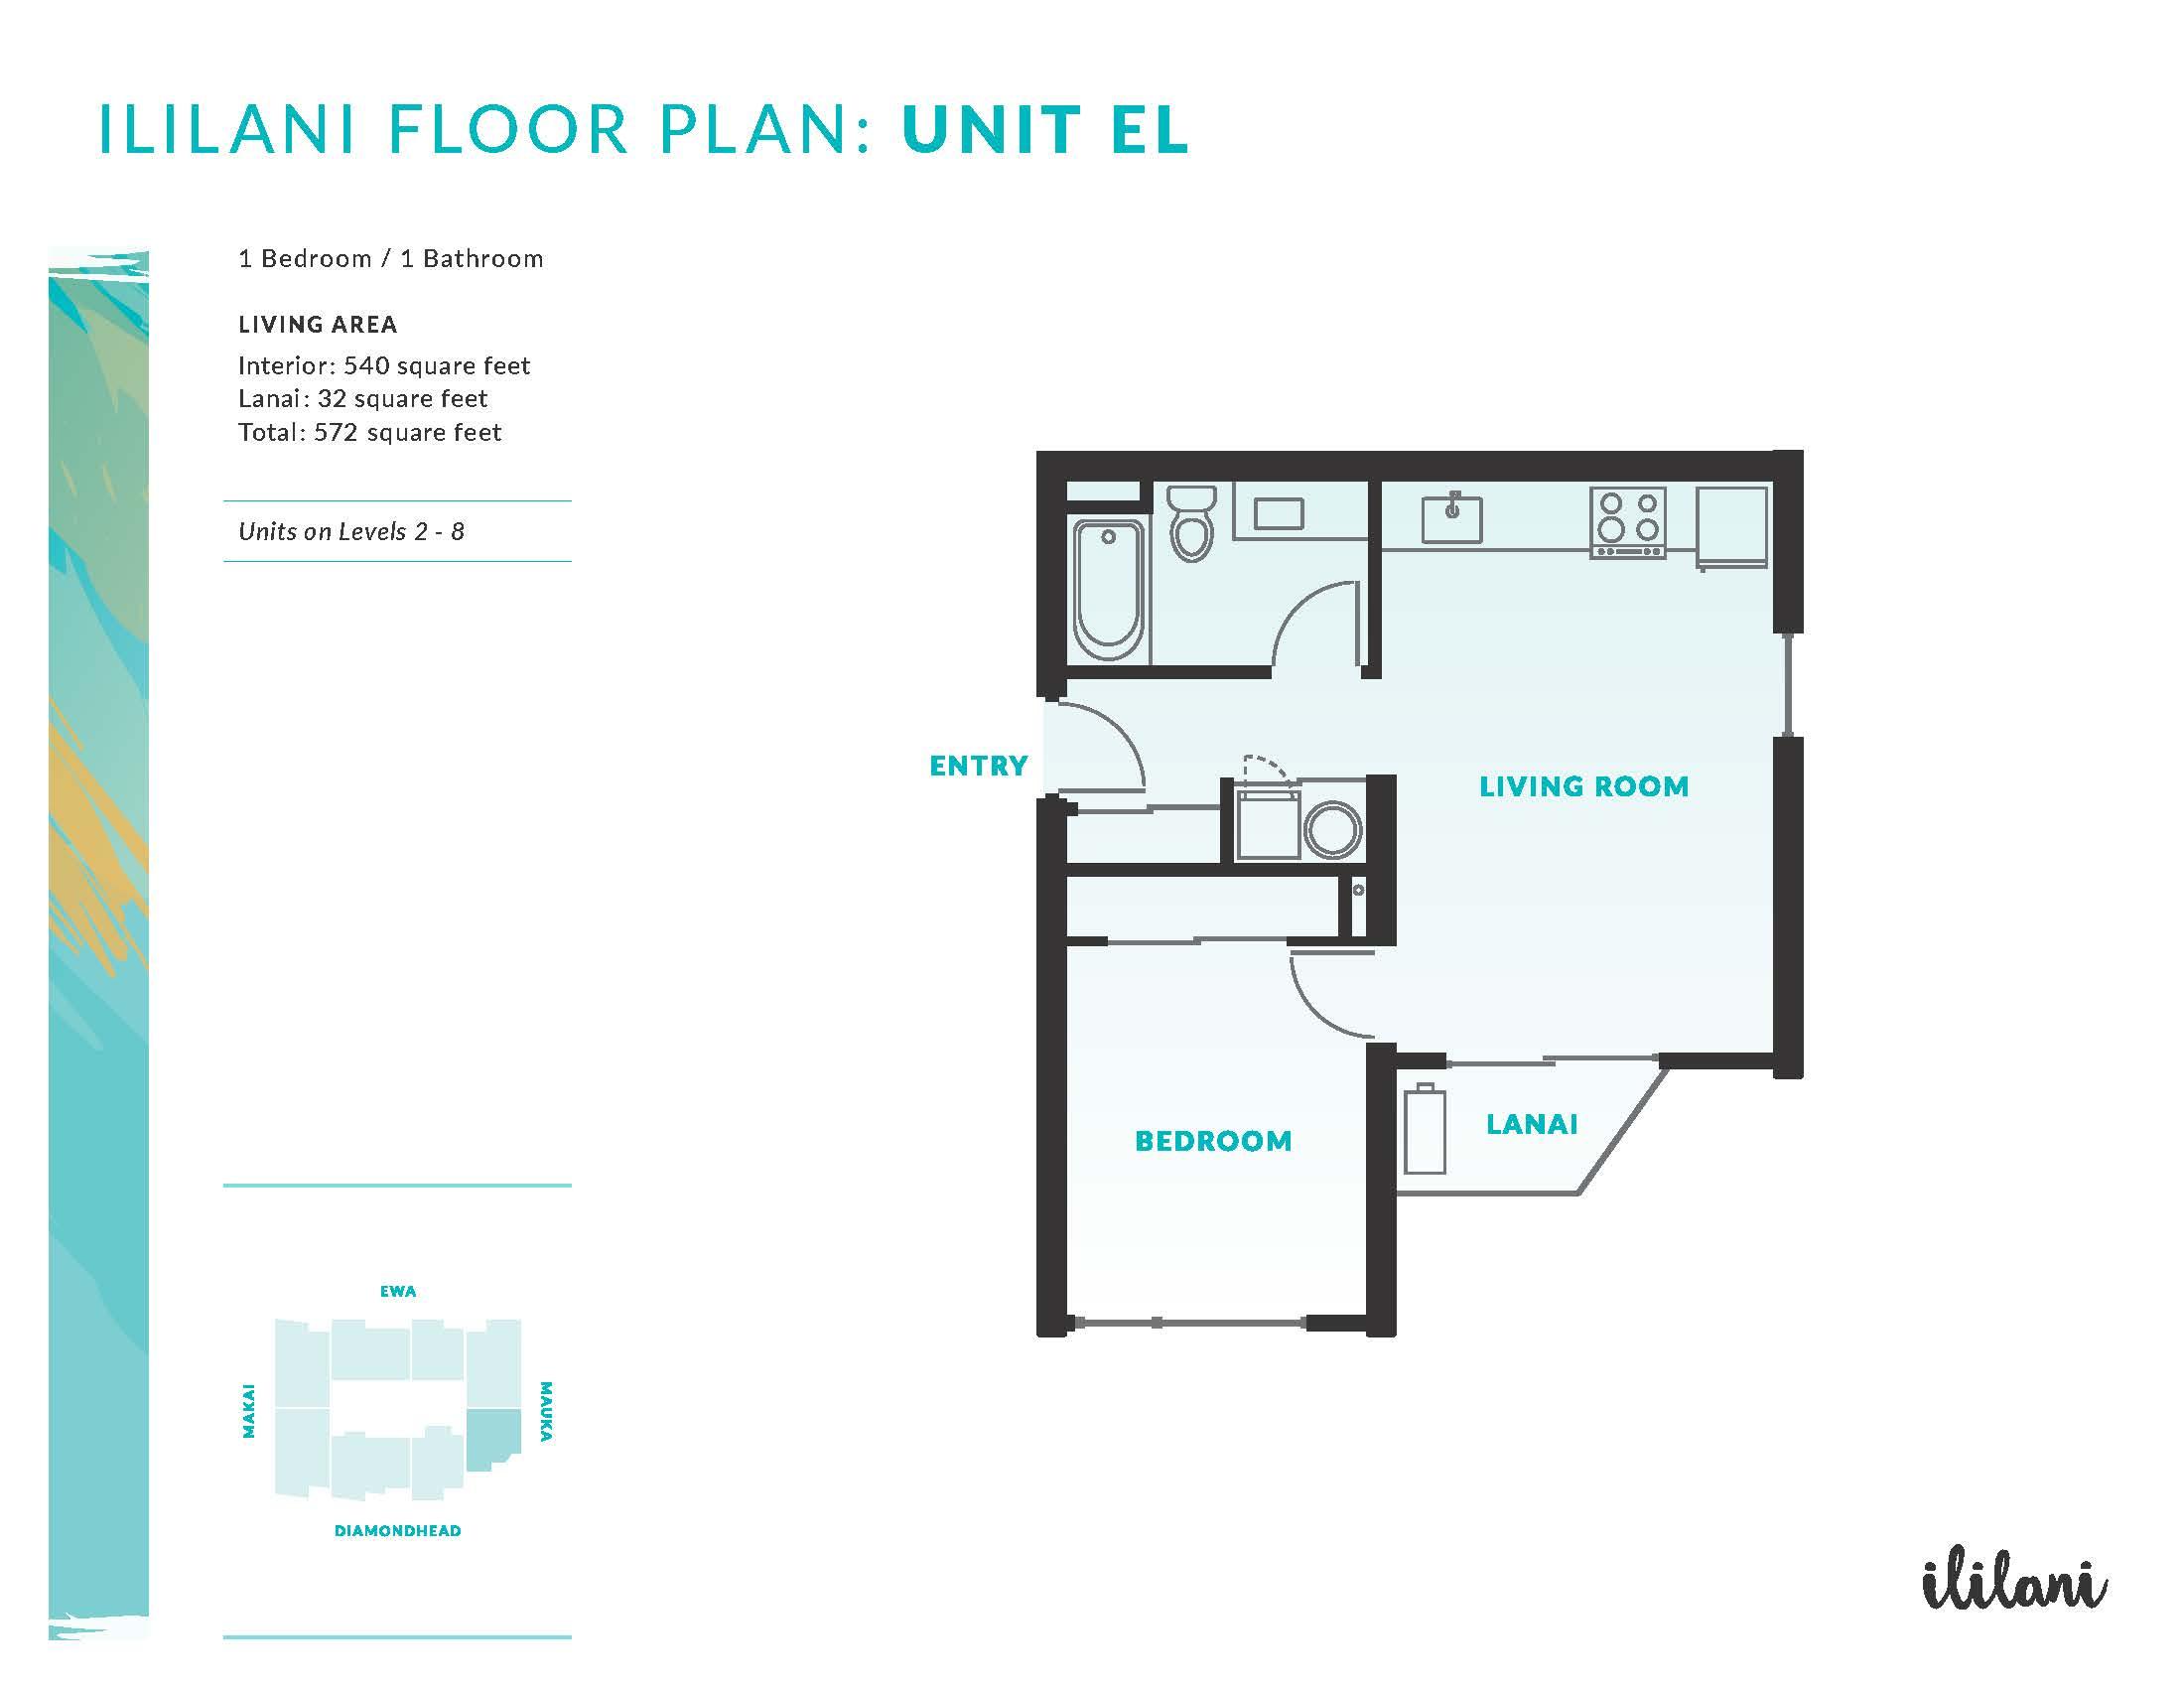 Ililani Floor Plan EL